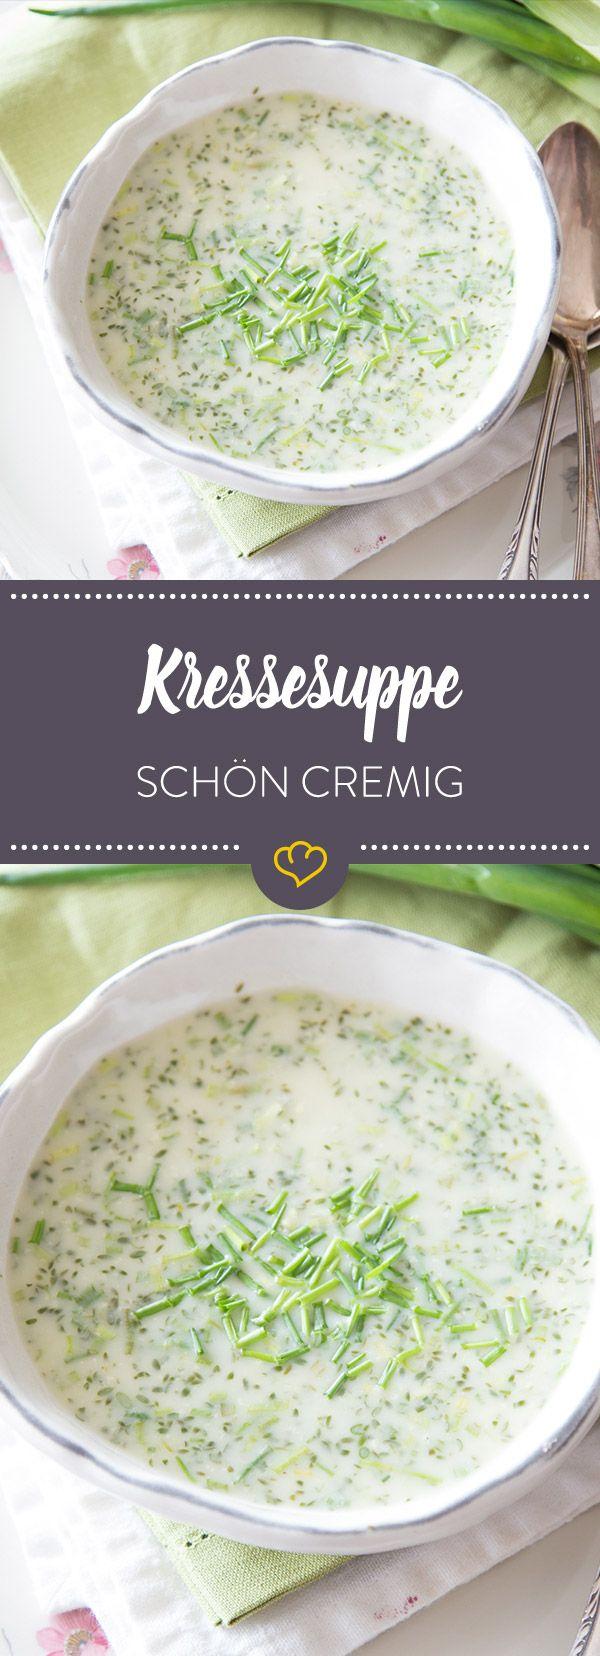 Cremig, würzig, lecker - wer Kresse sonst nur als Gewürz über Eier, Quark und Frischkäse streut, sollte sie schleunigst als Suppe probieren.